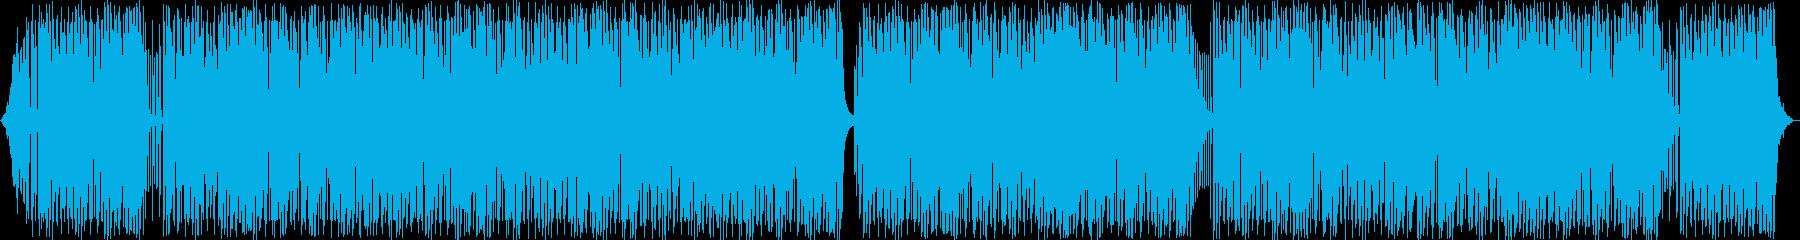 トラップ ヒップホップ 心に強く訴...の再生済みの波形